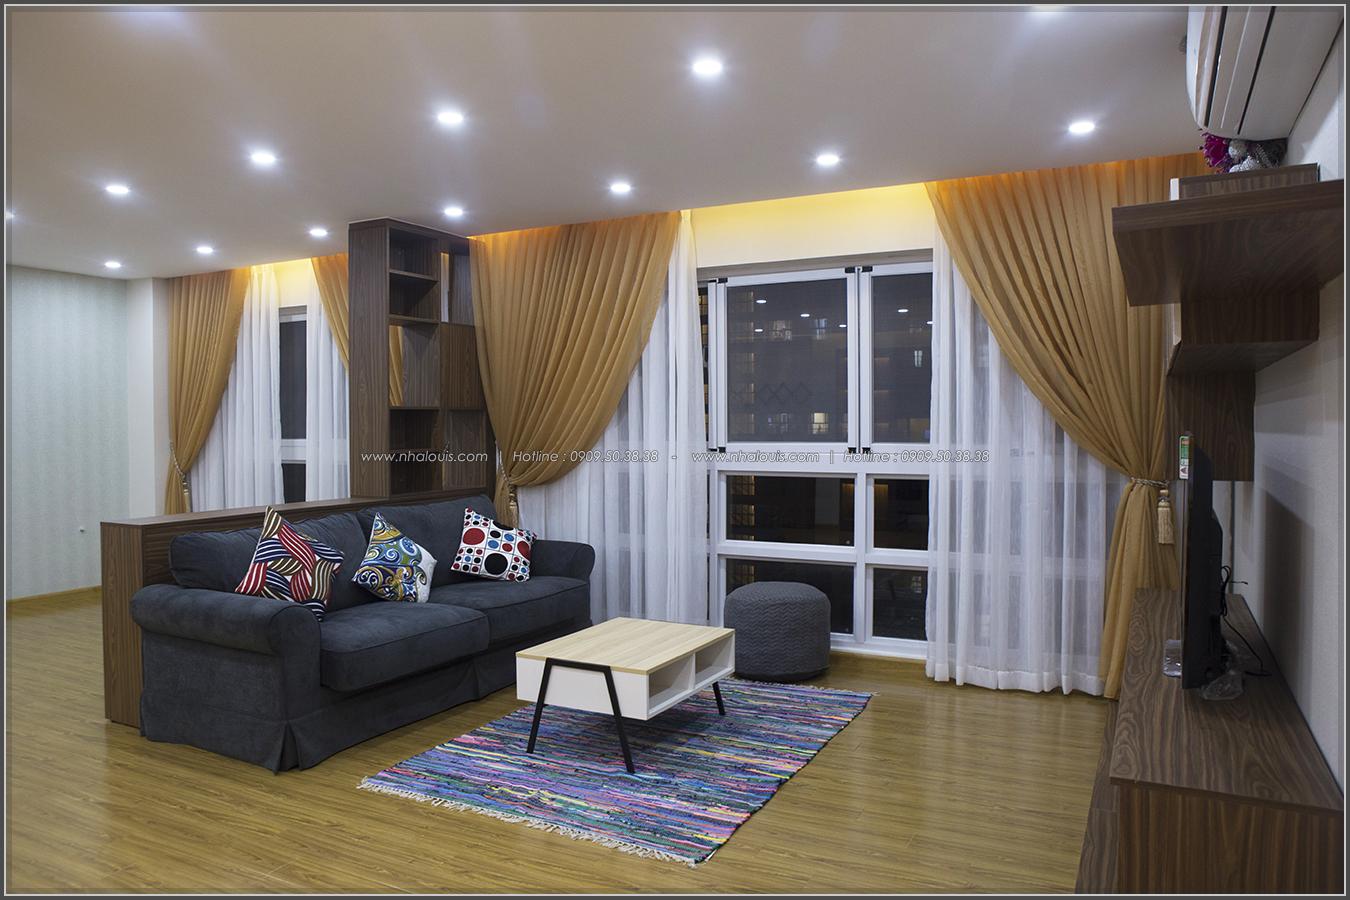 Thiết kế thi công nội thất căn hộ cao cấp Happy Valley quận 7 - 04